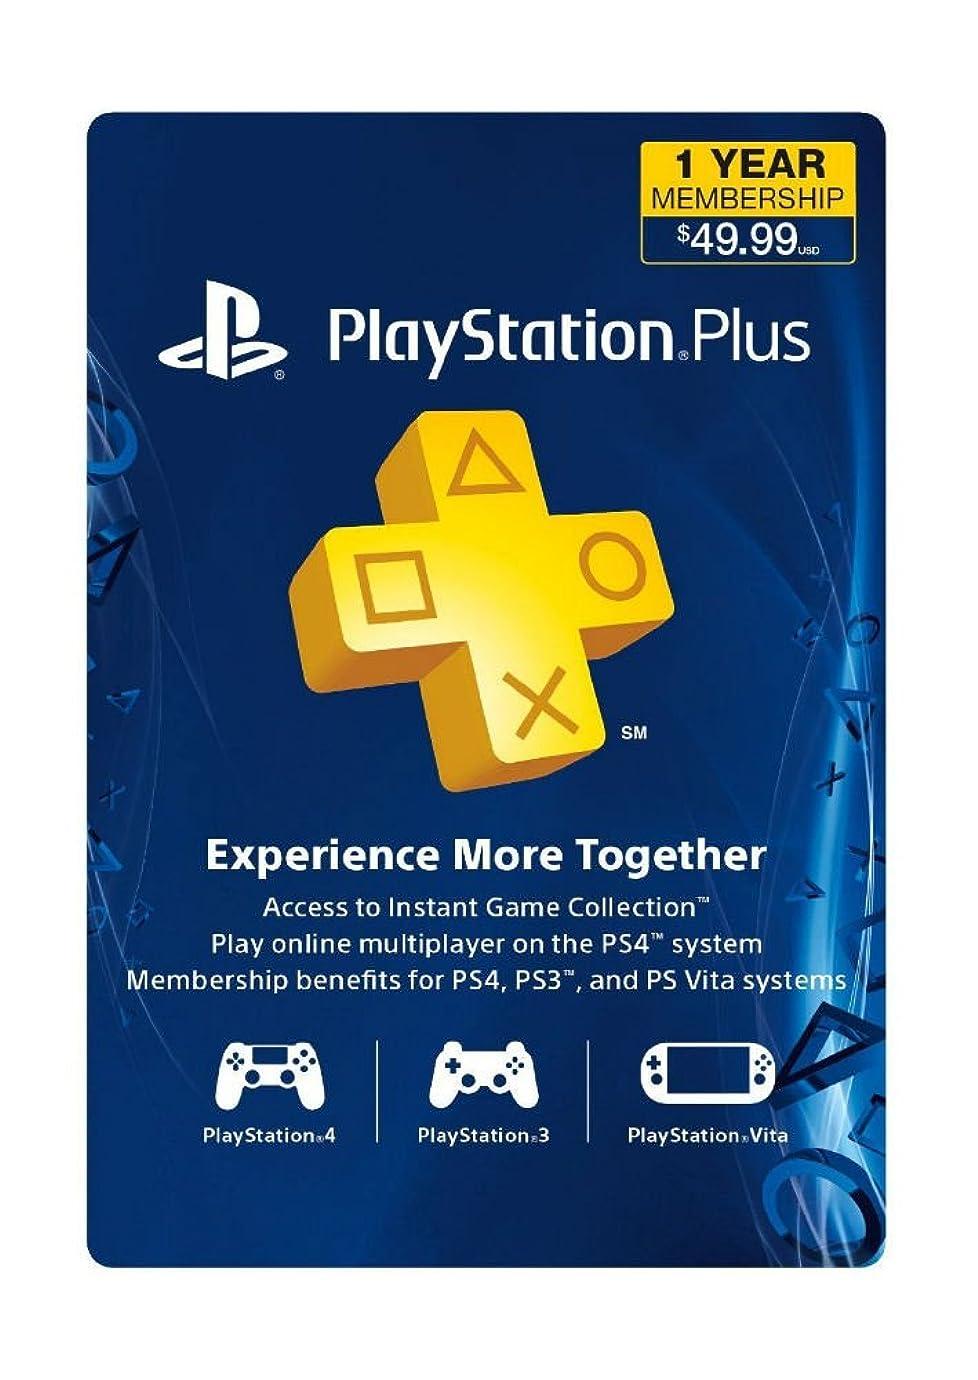 絶望的なレディ恨みPlaystation Plus 1年( 12月) Gamecard PSN ps3?ps4?vitanew